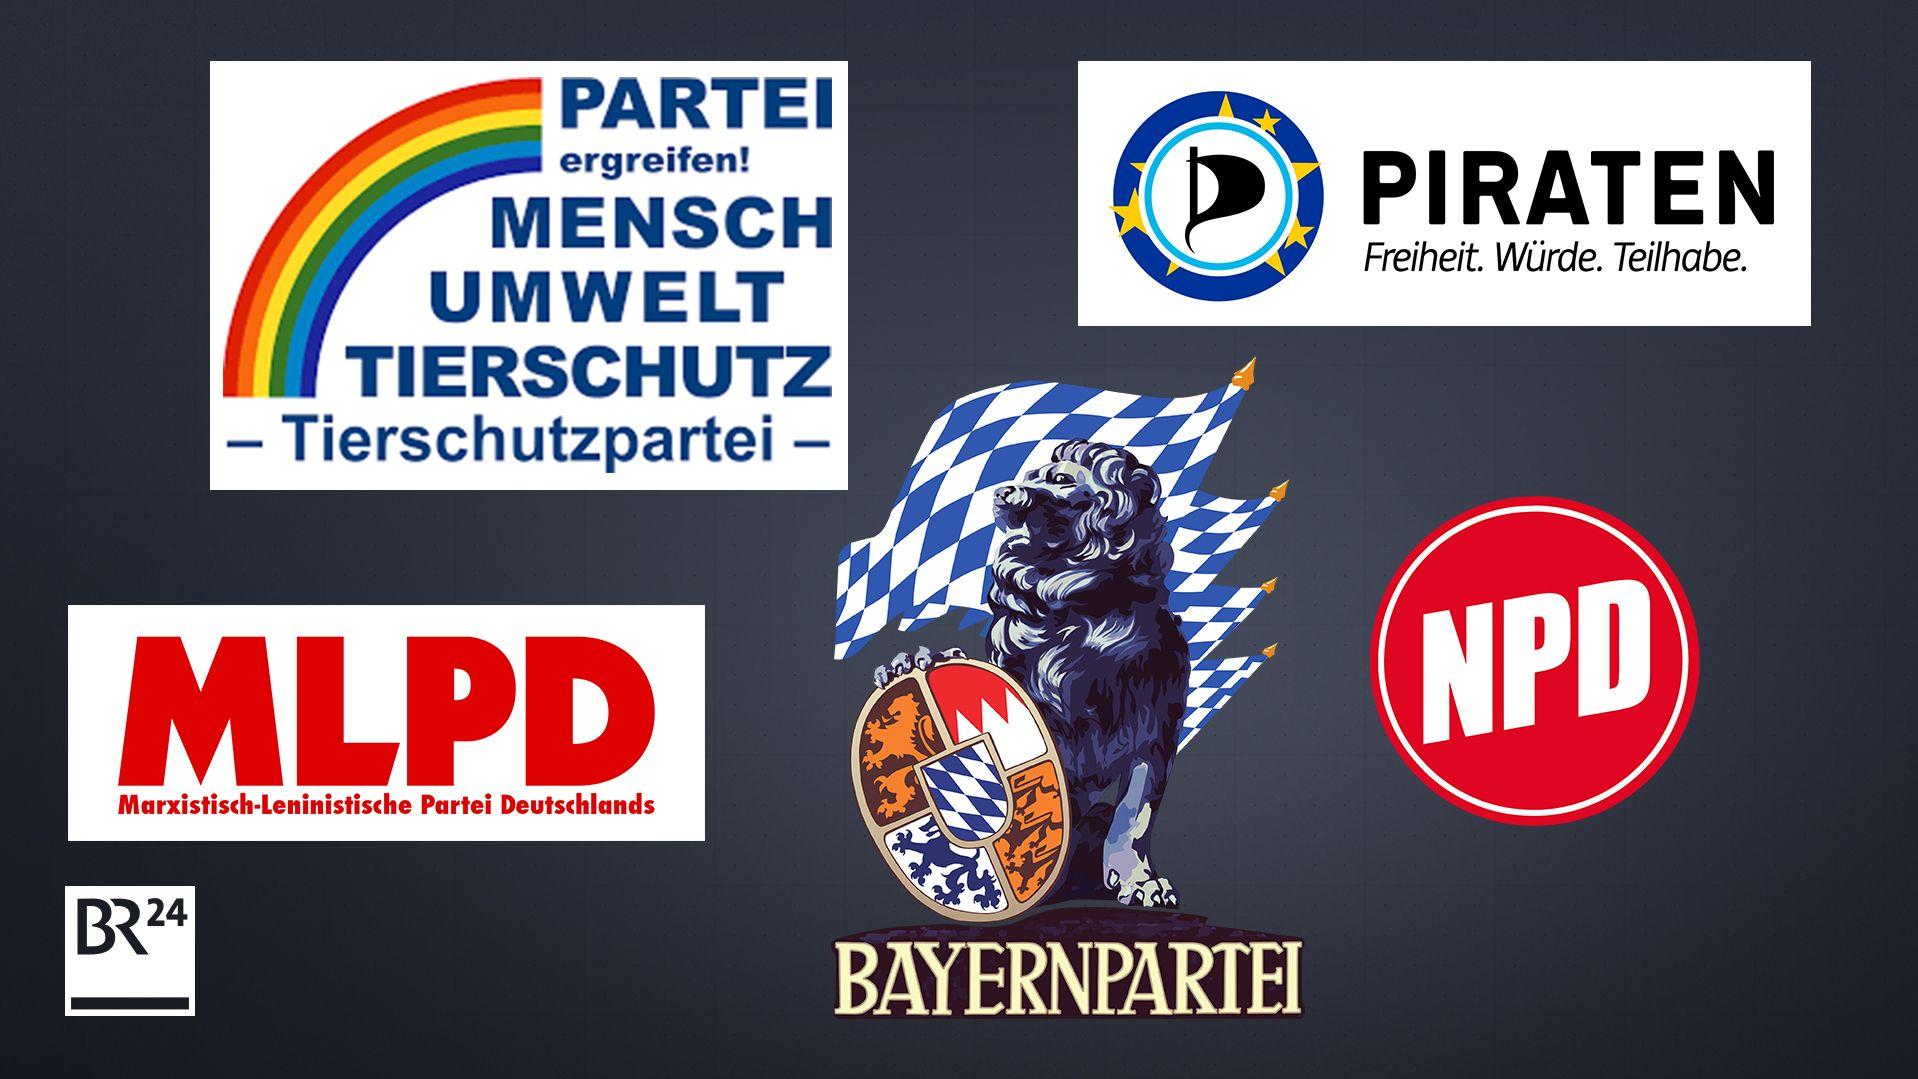 Parteien zur Europawahl